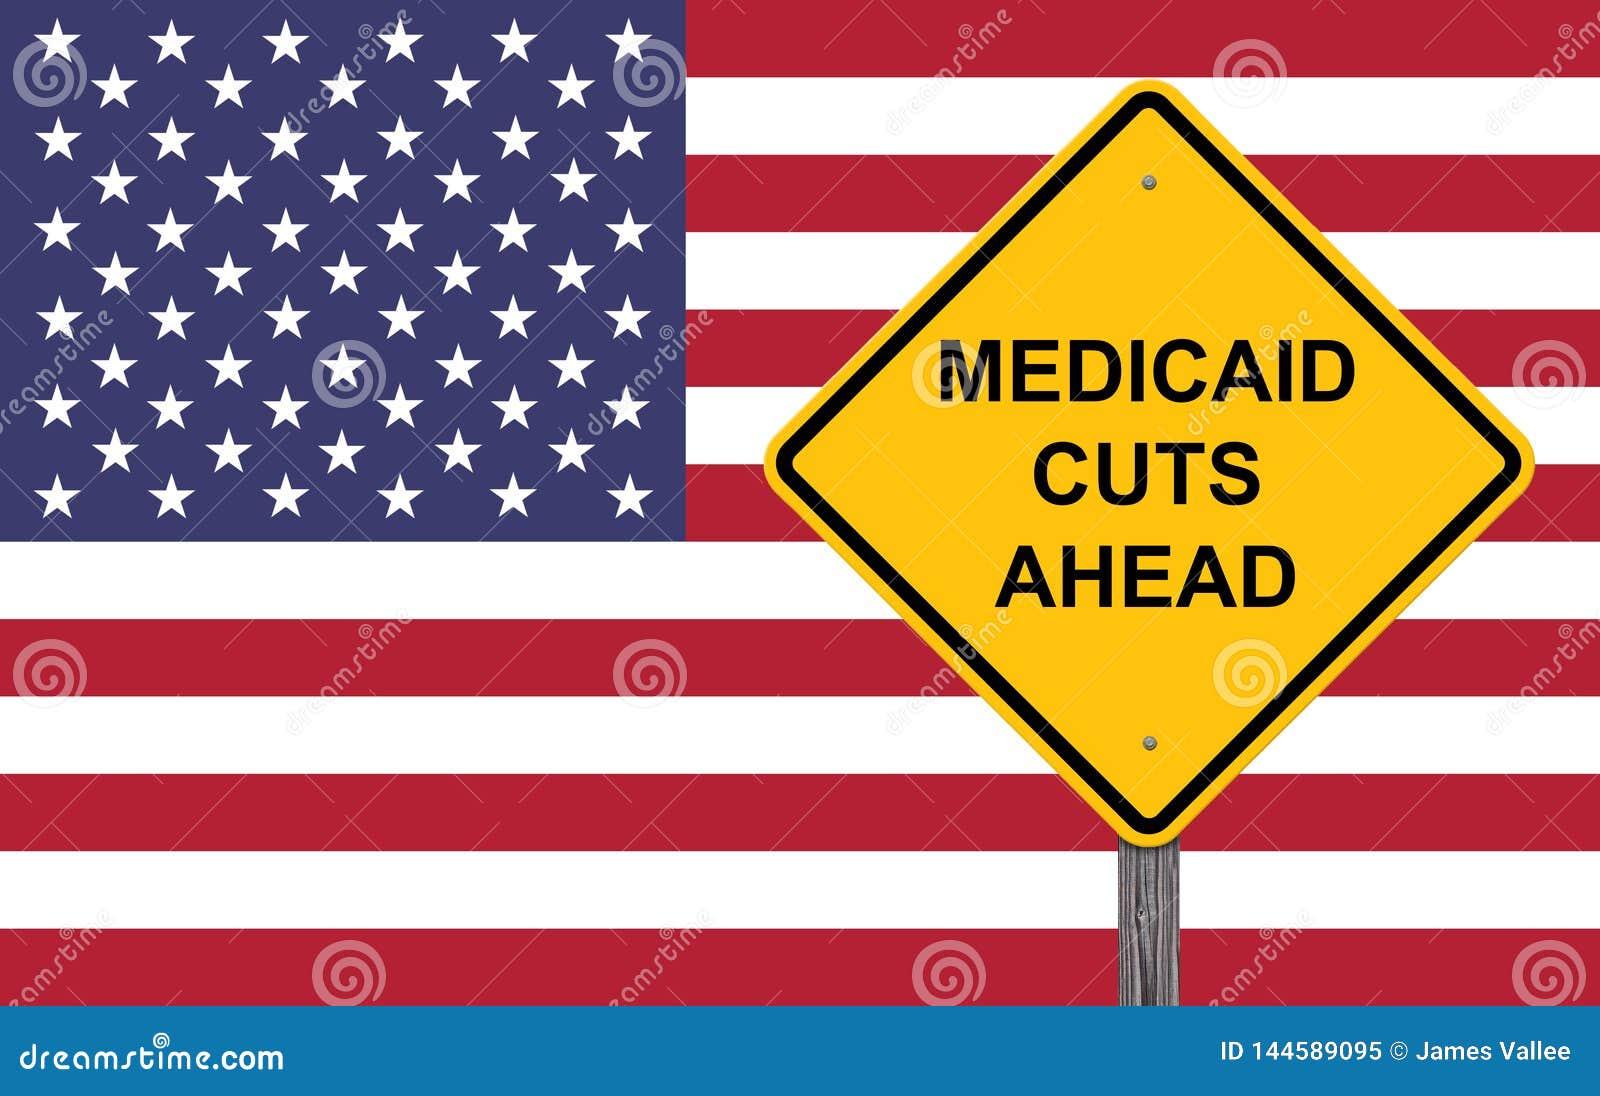 Το Medicaid κόβει μπροστά το προειδοποιητικό σημάδι